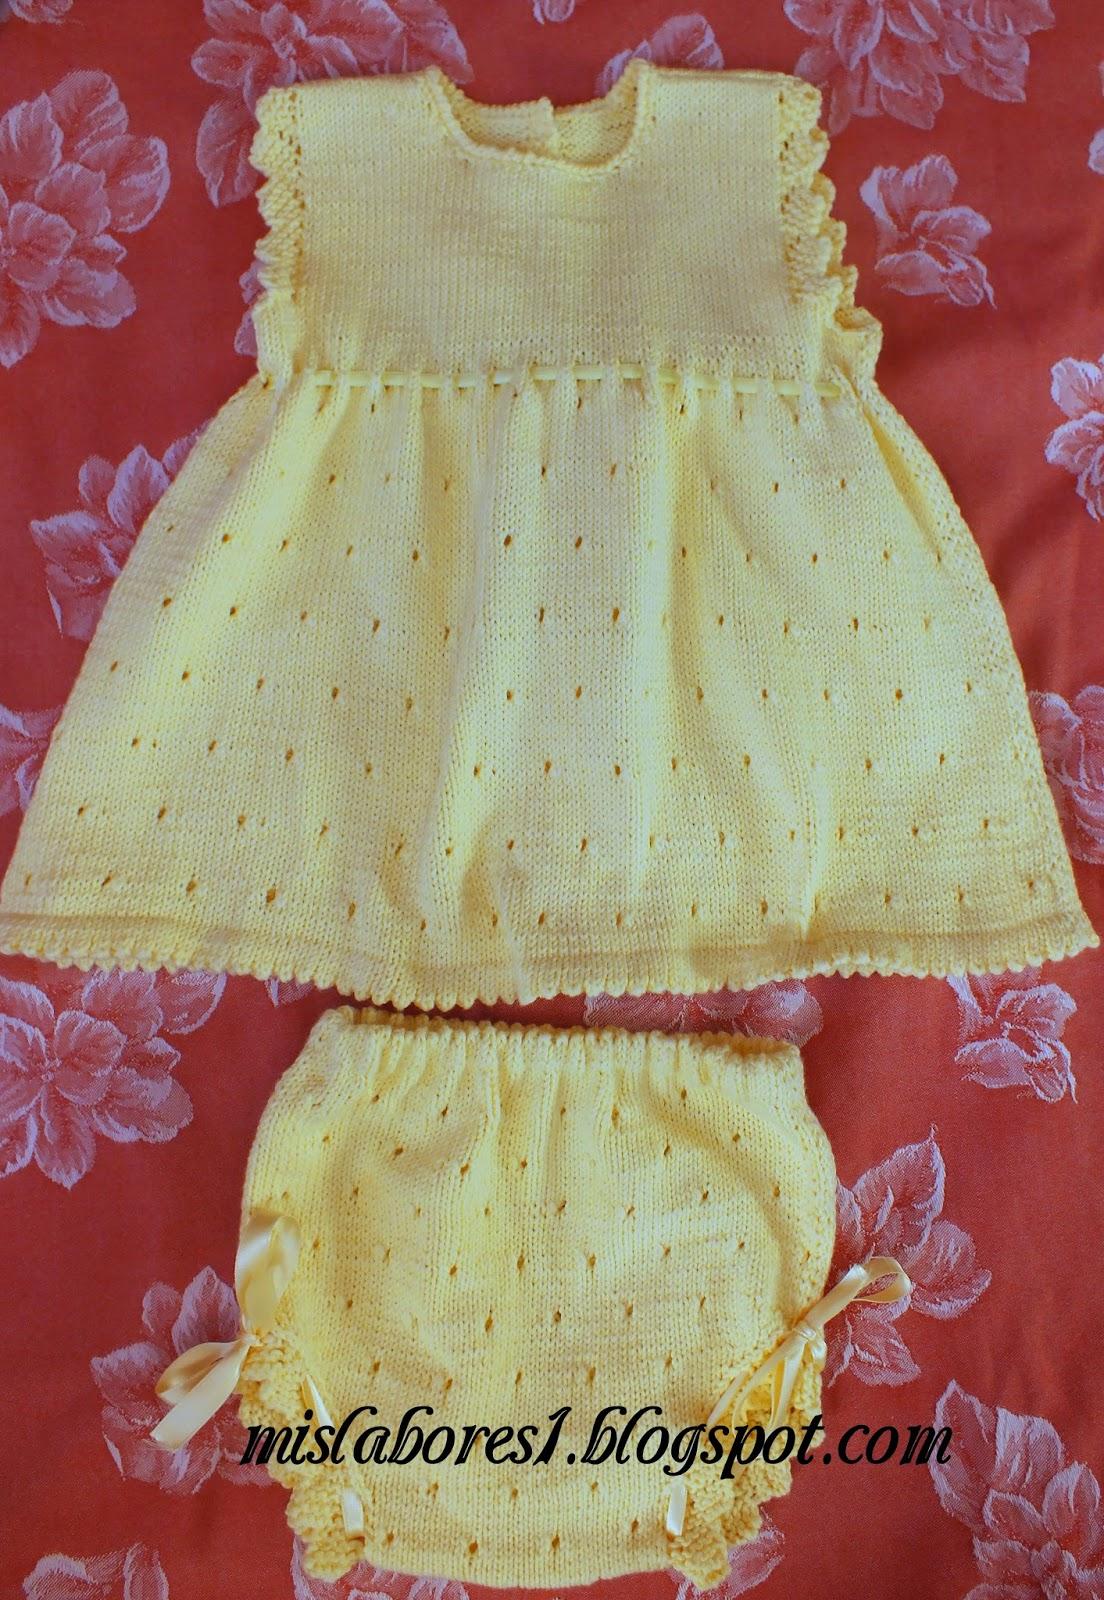 Mis labores vestido con braguitas para bebe - Labores de crochet para bebes ...